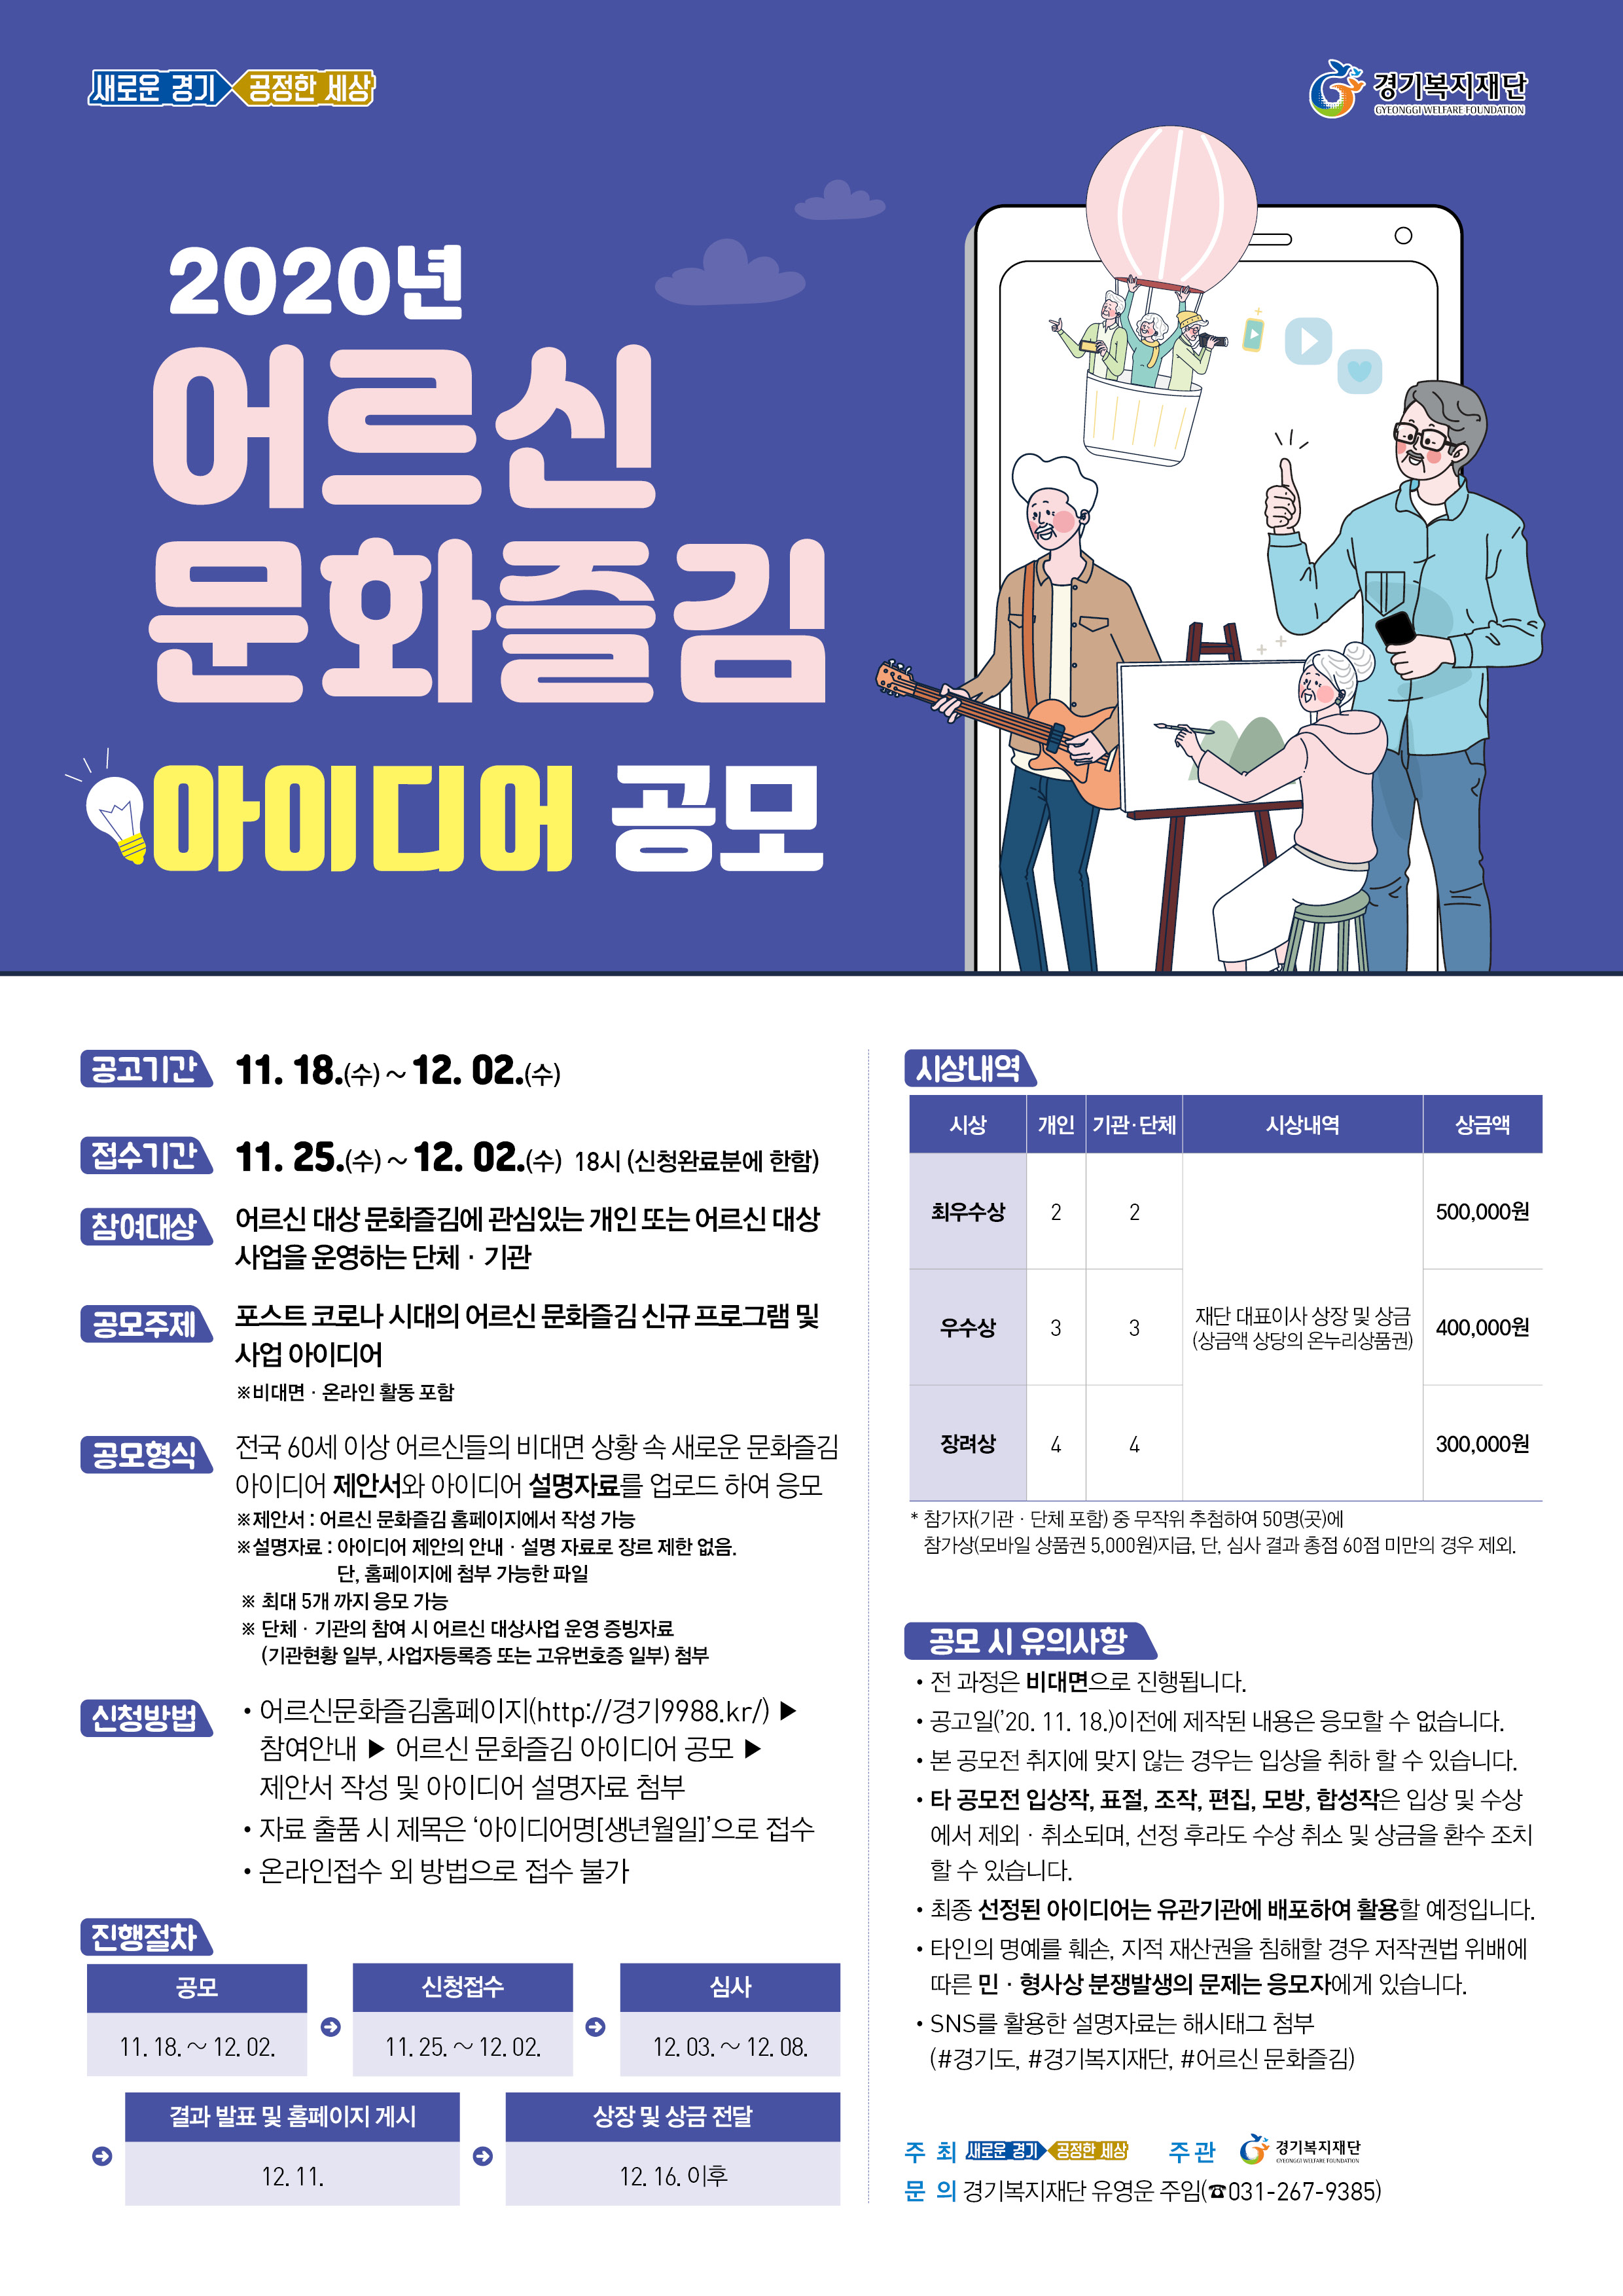 7차수정_ 어르신 문화즐김(포스터)20201117.jpg